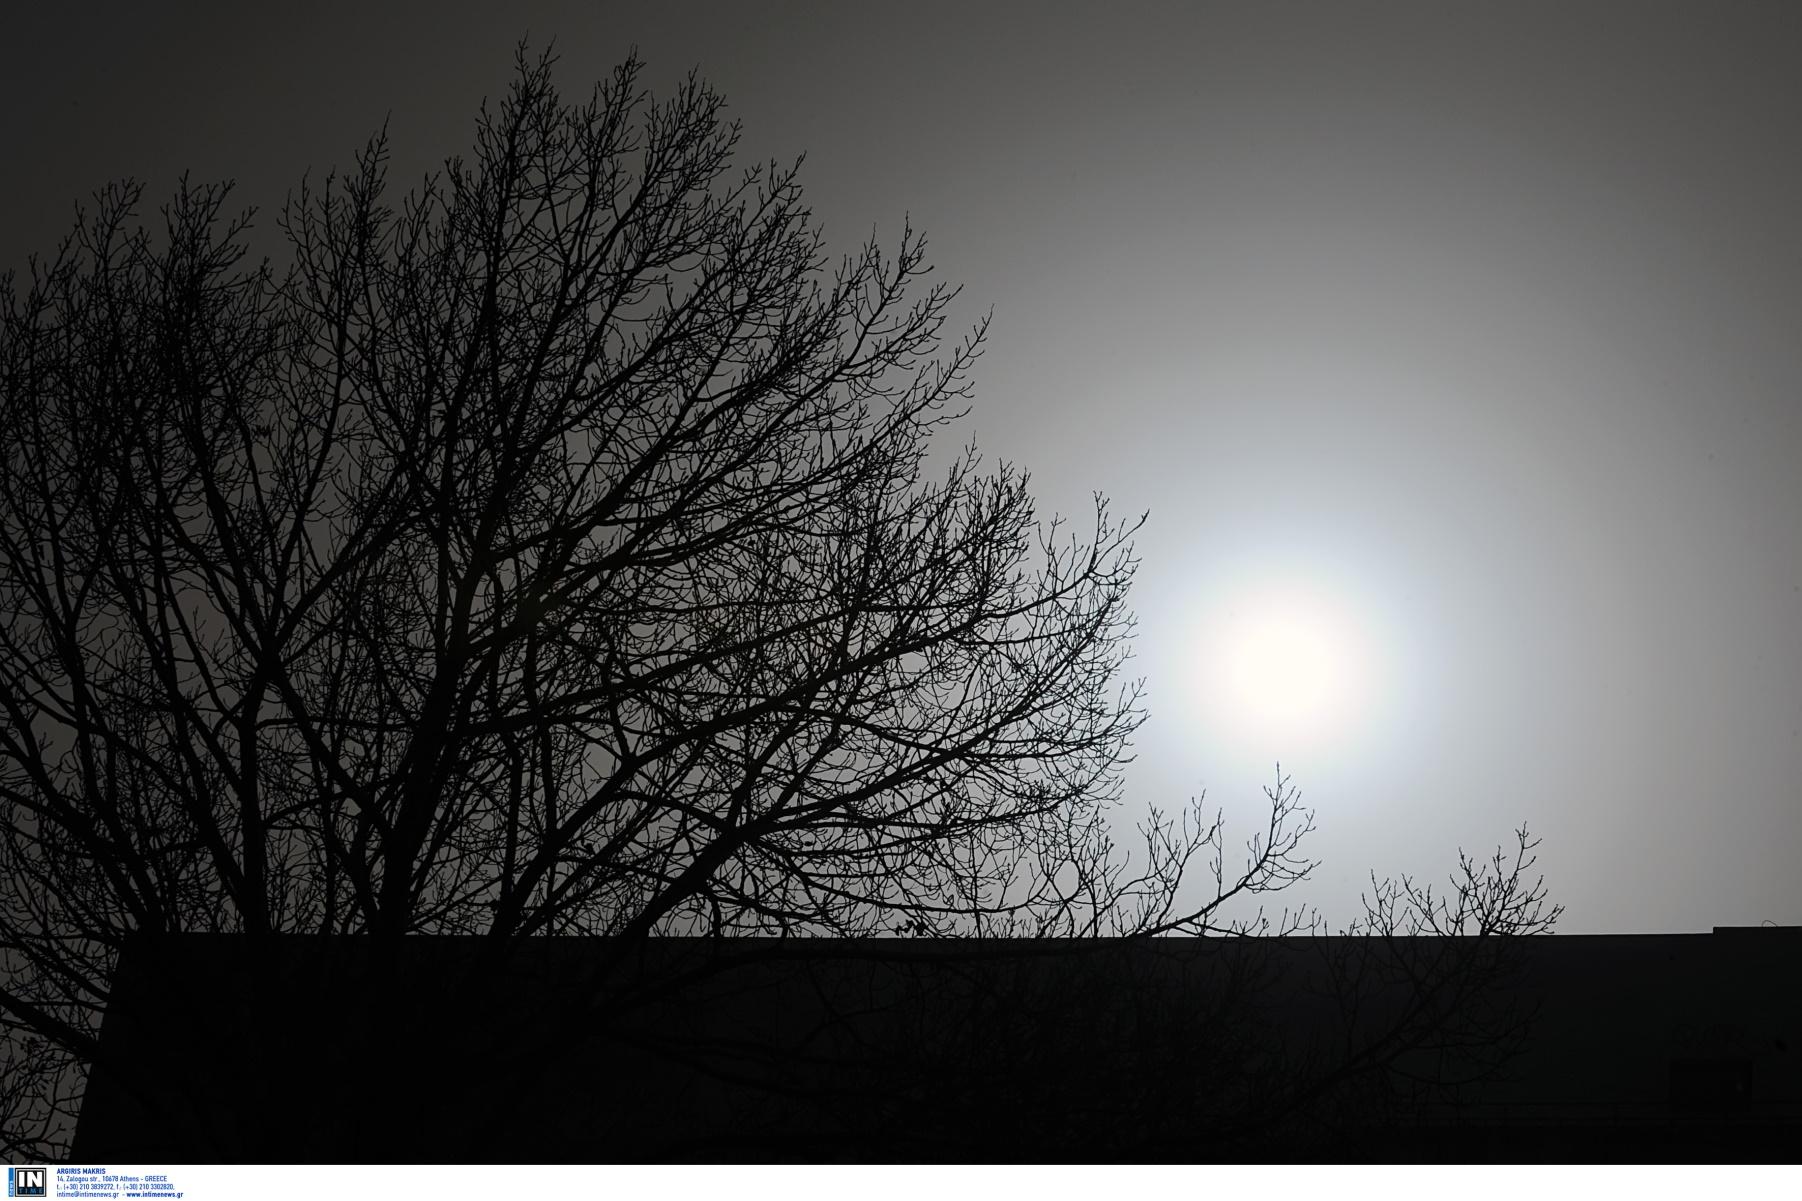 Καιρός σήμερα: Αφρικανική σκόνη με κουφόβραση – Σκαρφαλώνει ψηλότερα ο υδράργυρος